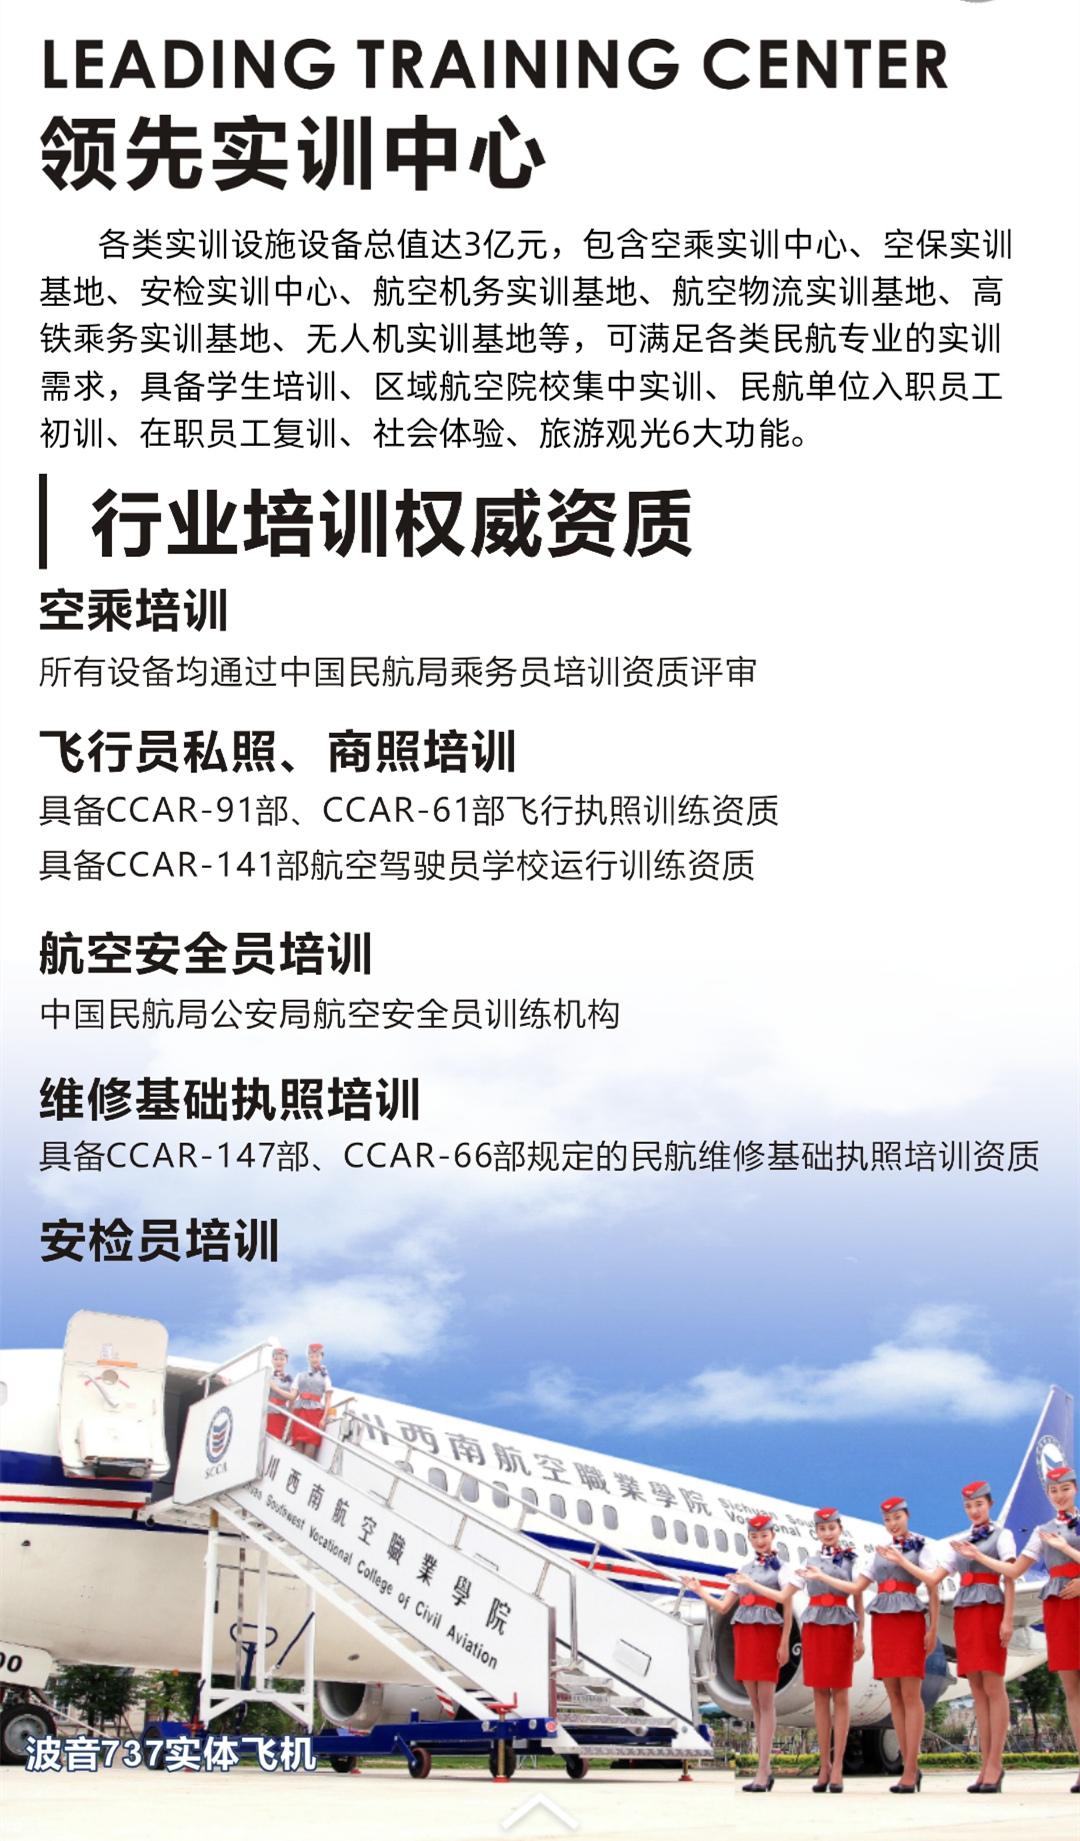 四川西南航空职业学院招生简章